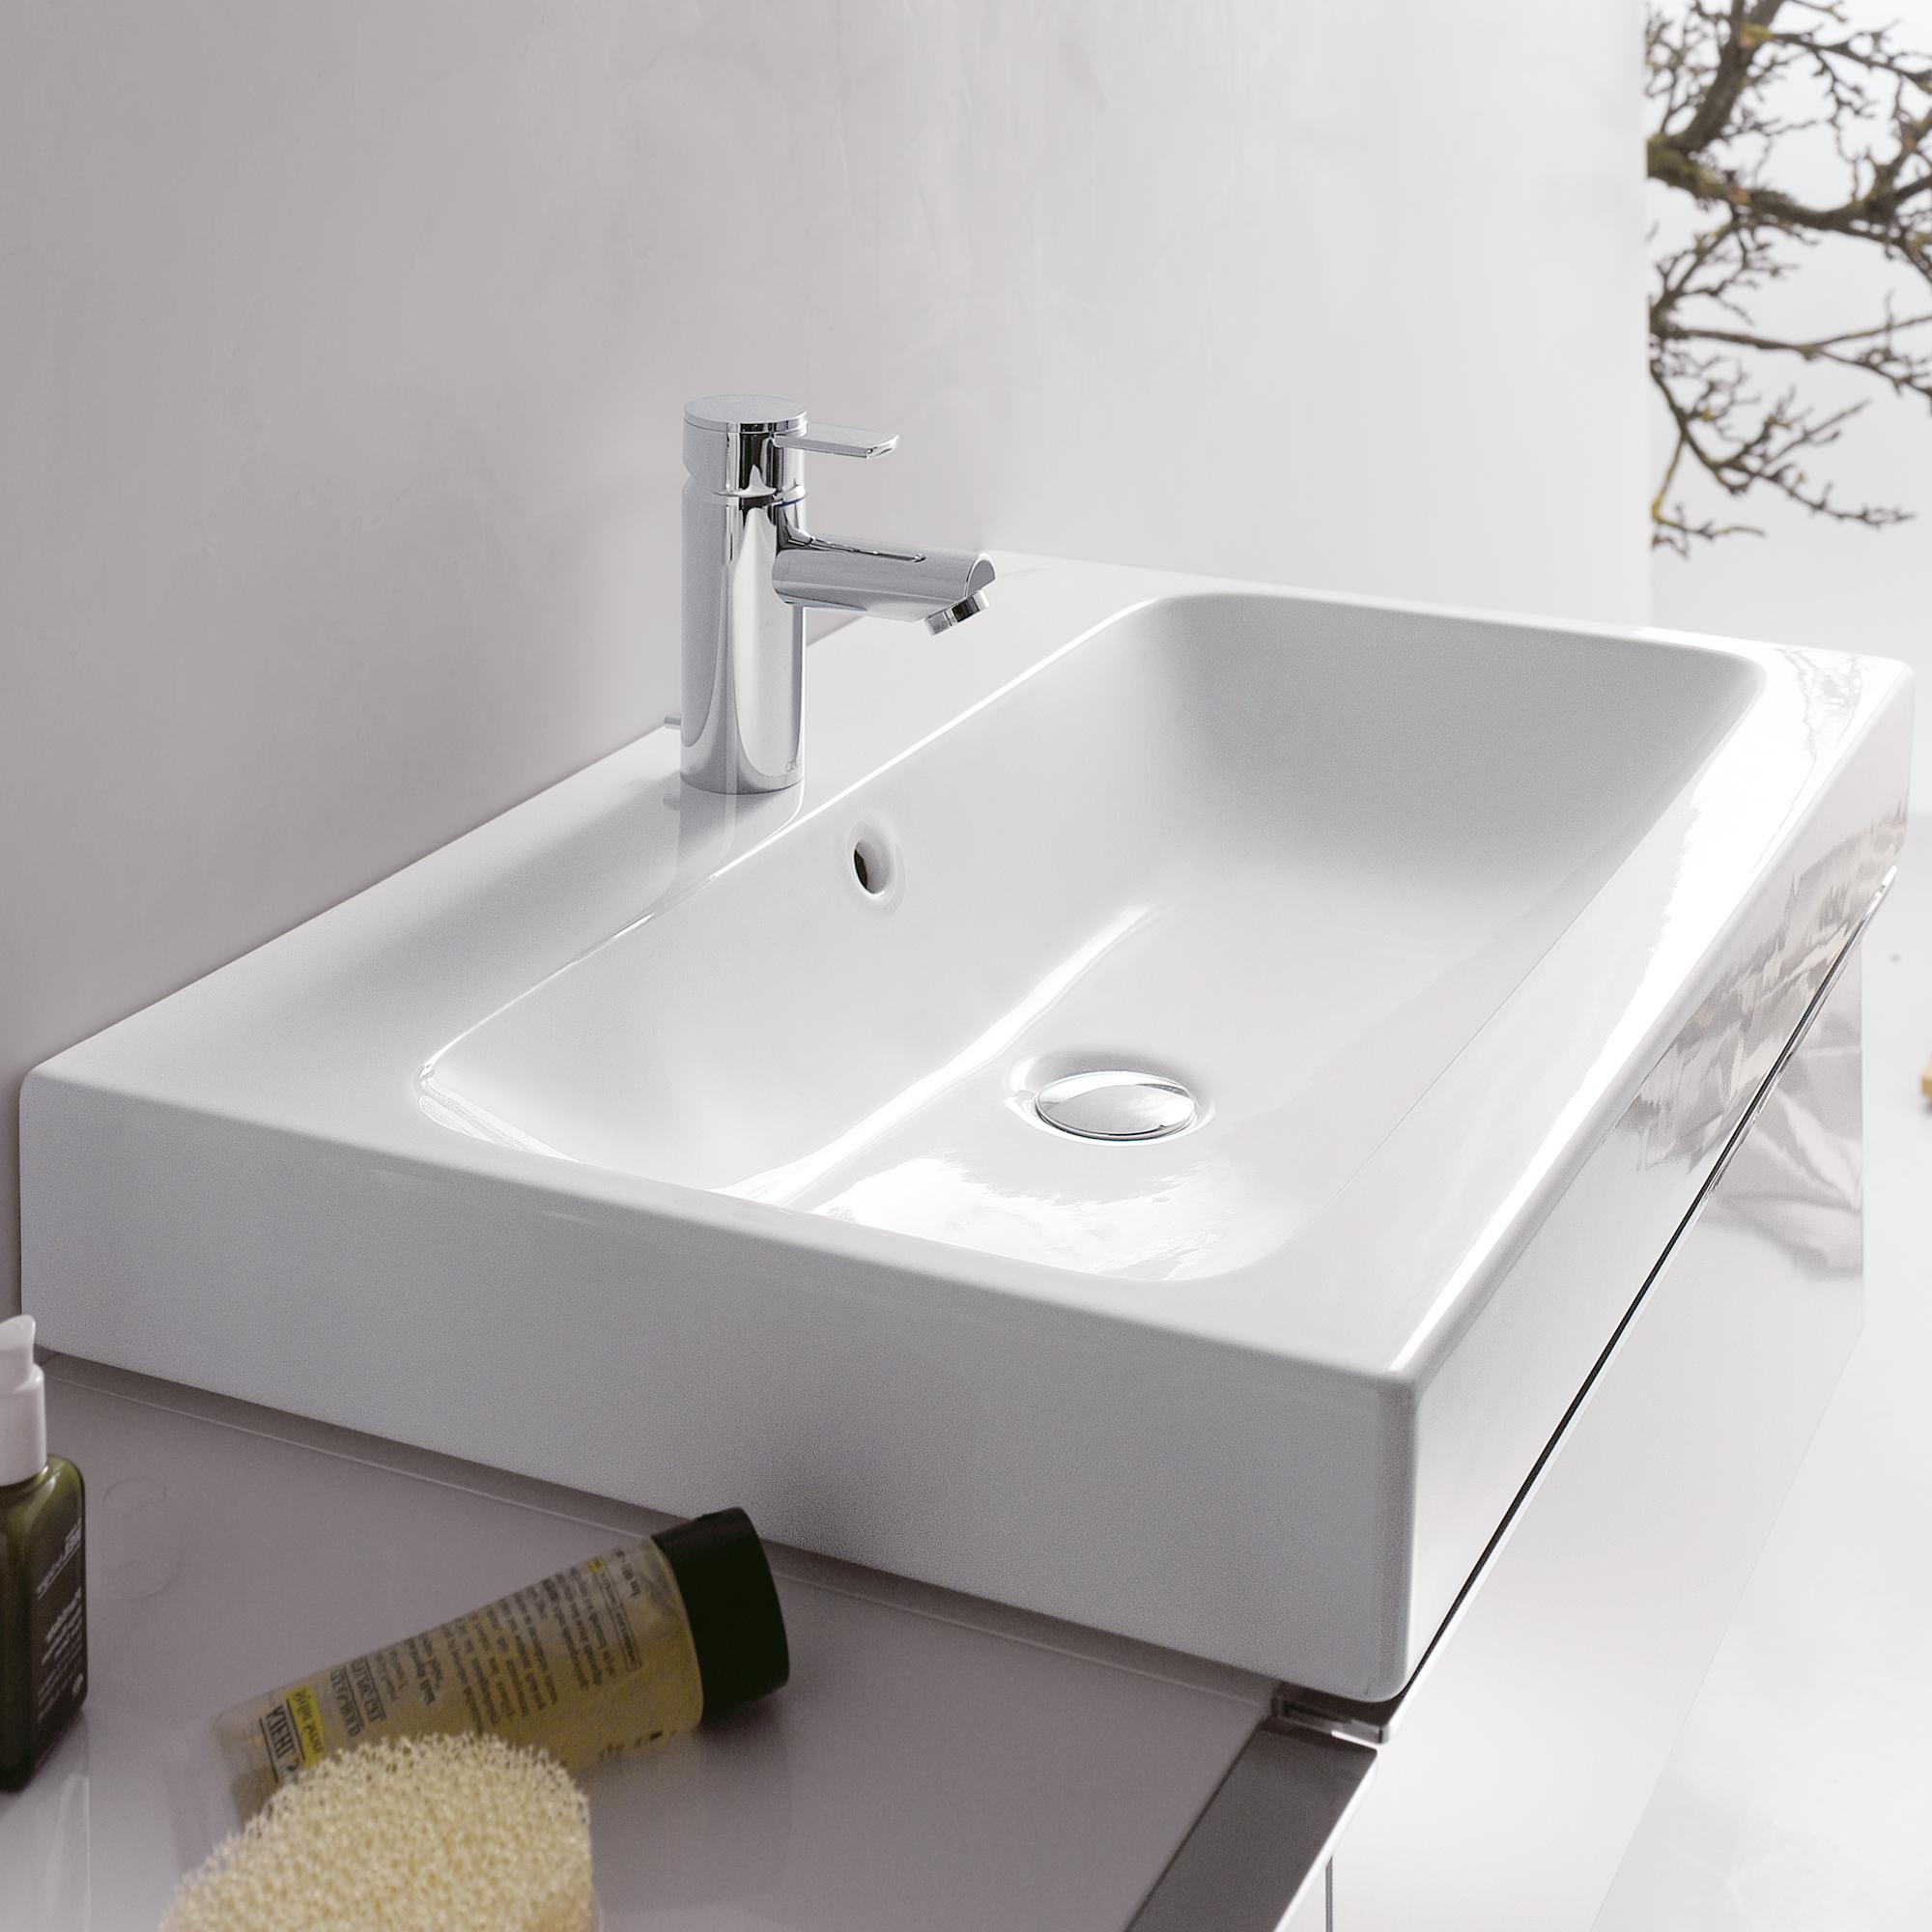 keramag icon waschtisch wei 124060000 reuter onlineshop. Black Bedroom Furniture Sets. Home Design Ideas